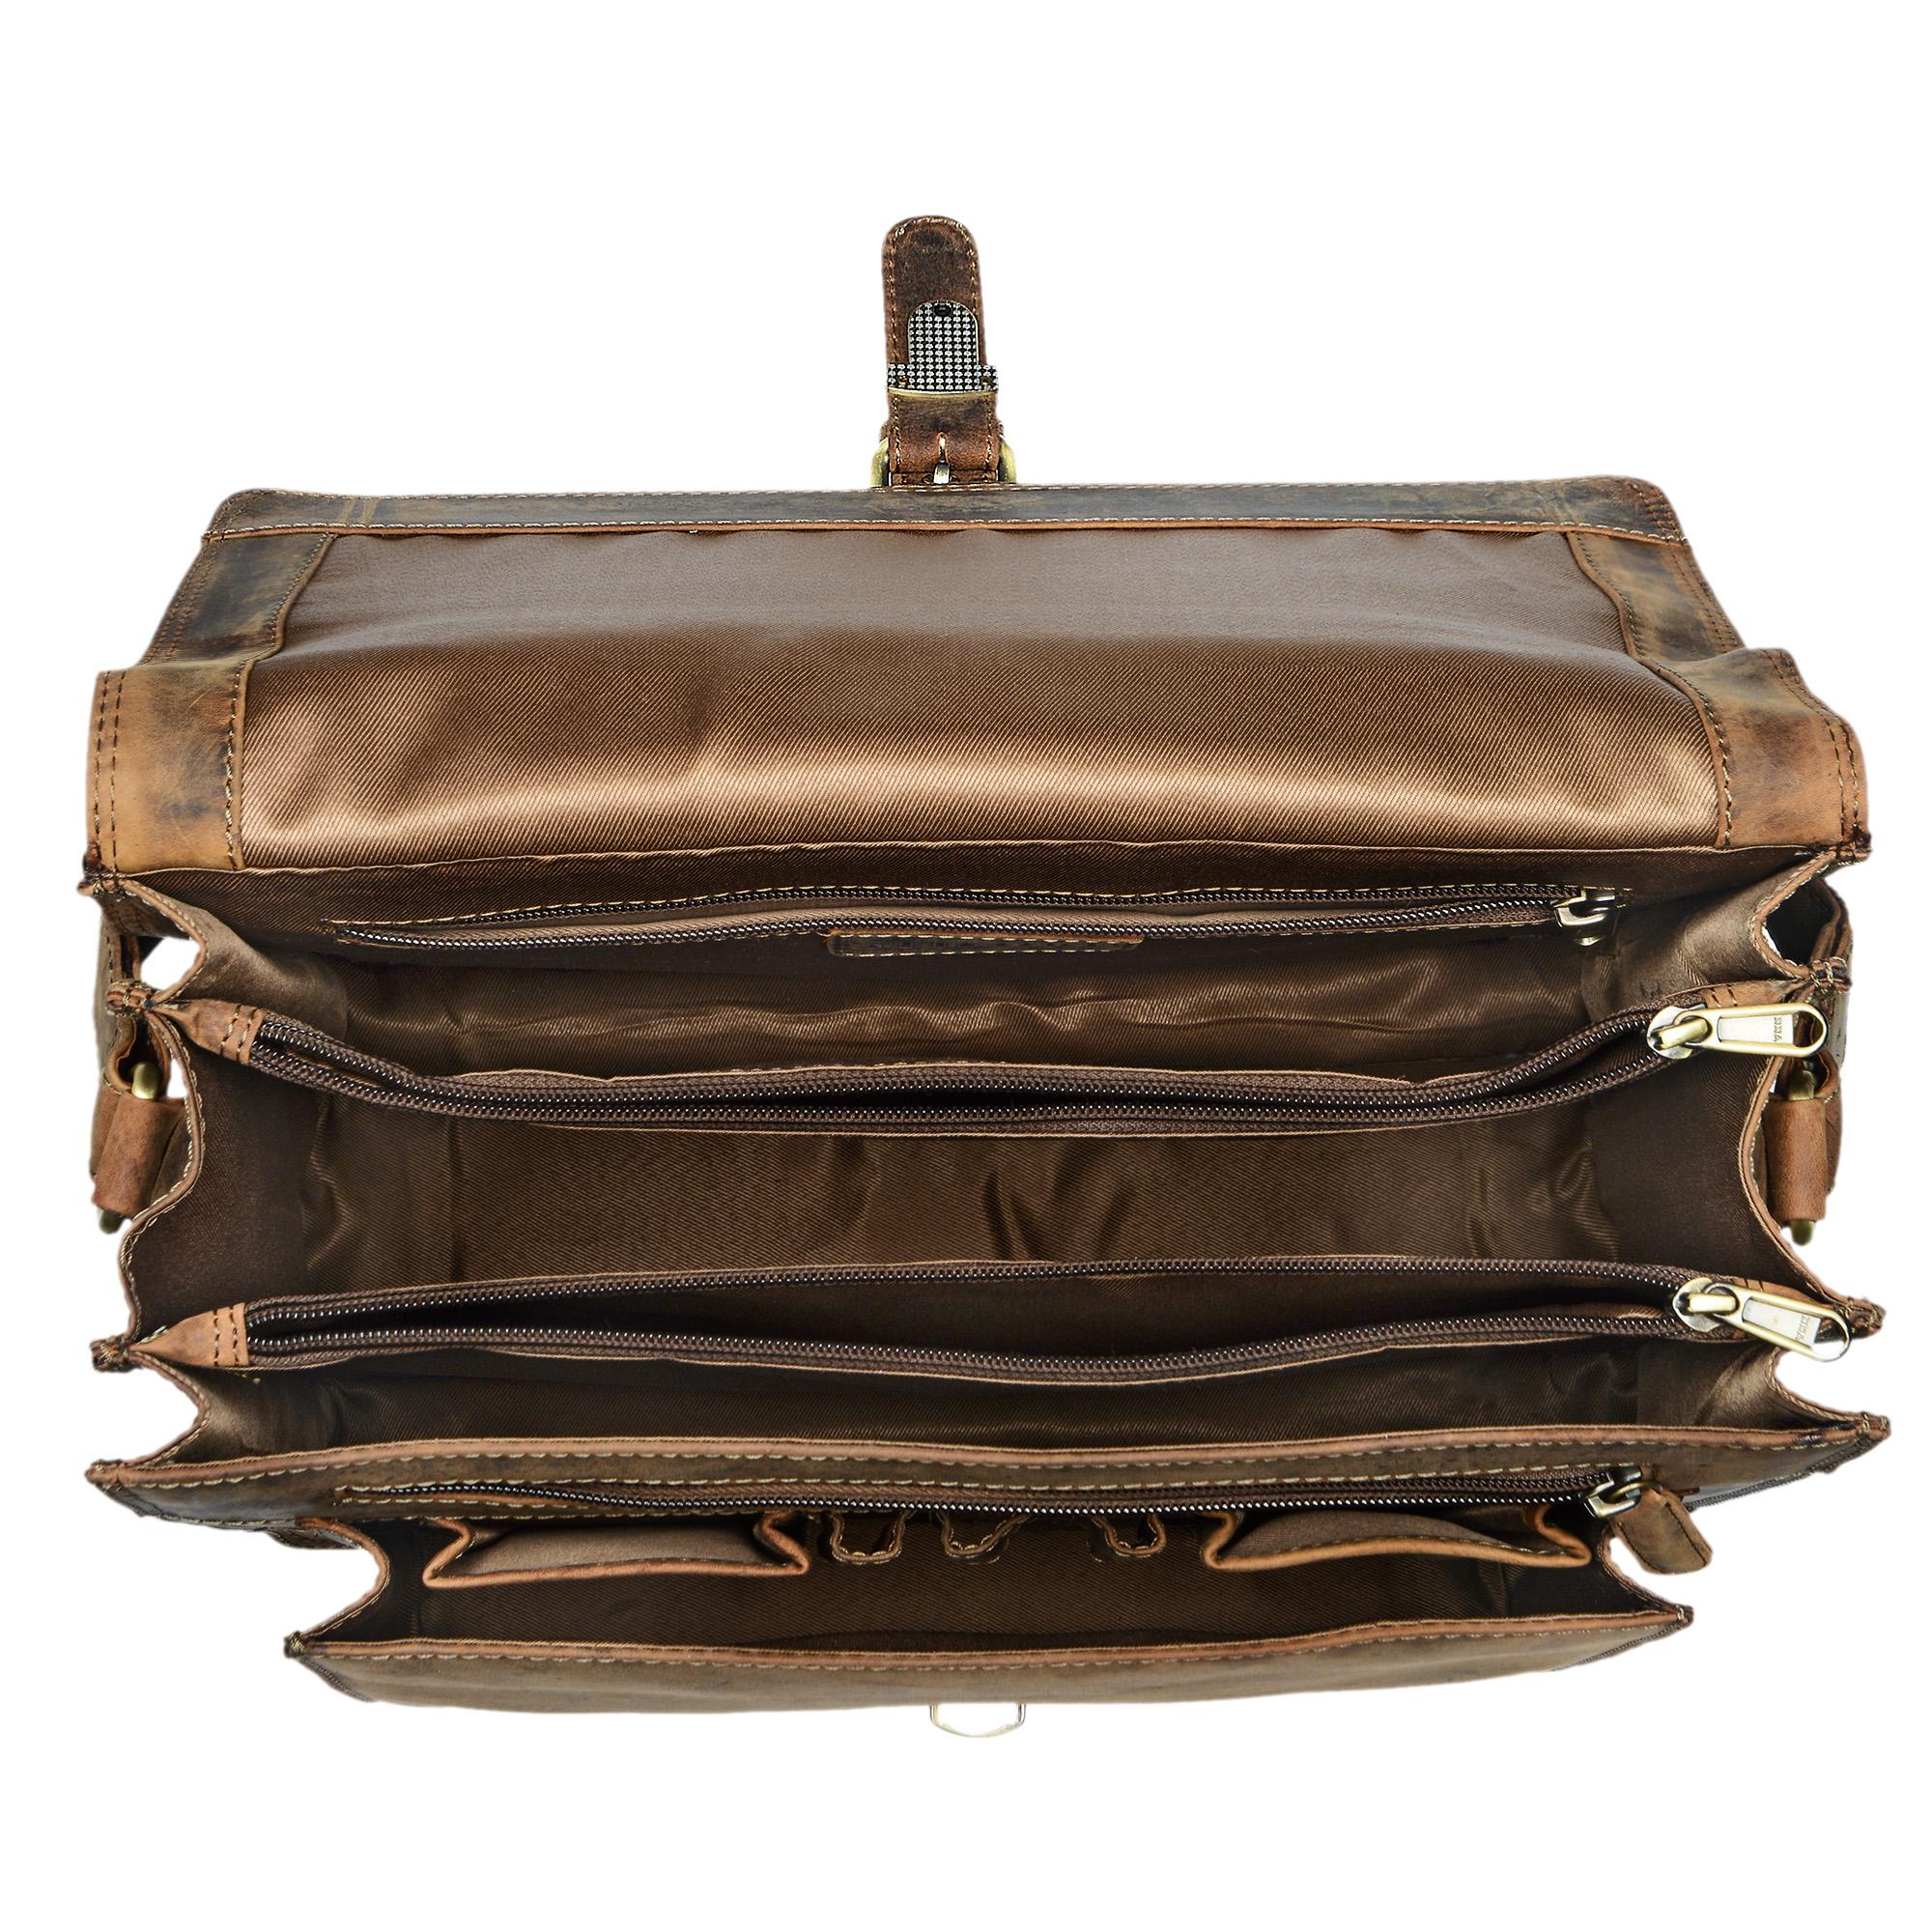 """STILORD """"Romeo"""" Kleine Aktentasche Leder für Herren Damen Vintage Businesstasche Bürotasche für DIN A4 Dokumente und 13,3 Zoll Laptops MacBooks aus echtem Leder - Bild 11"""